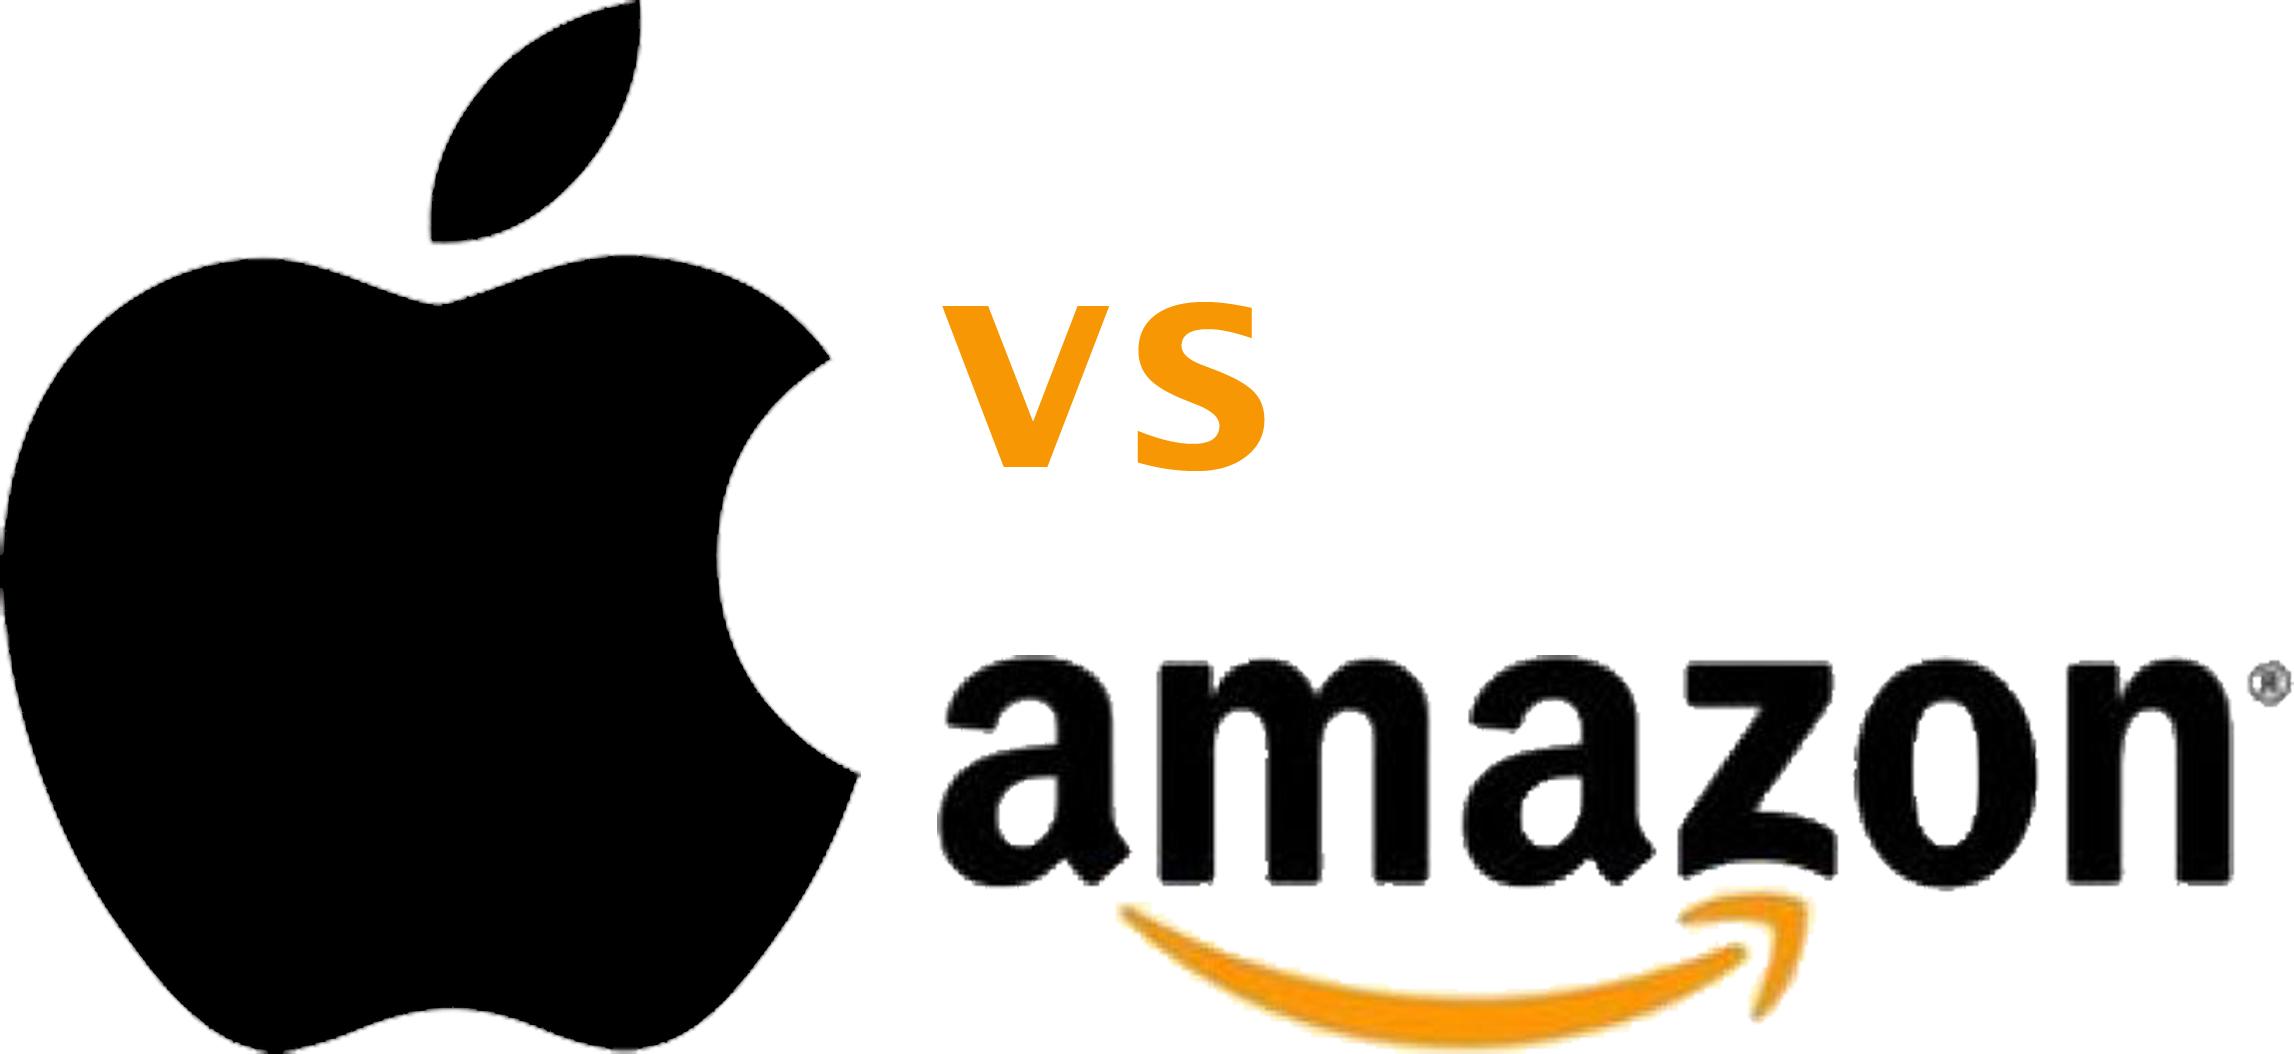 apple-vs-amazon